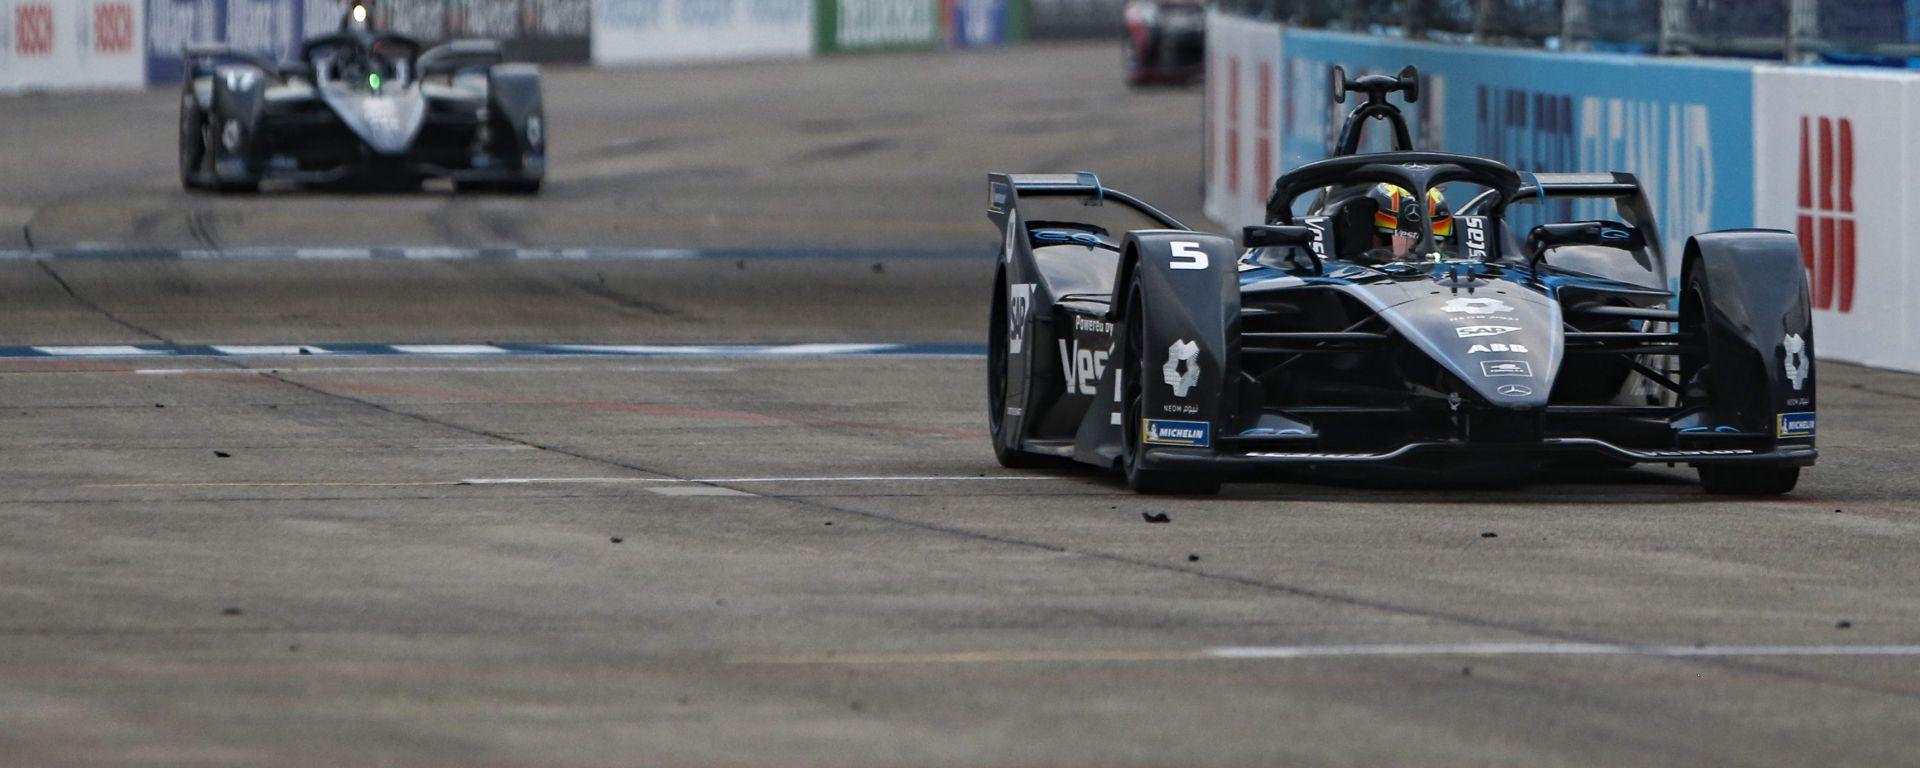 ePrix Berlino-6: Mercedes sogna in grande, 1-2 con Vandoorne e De Vries